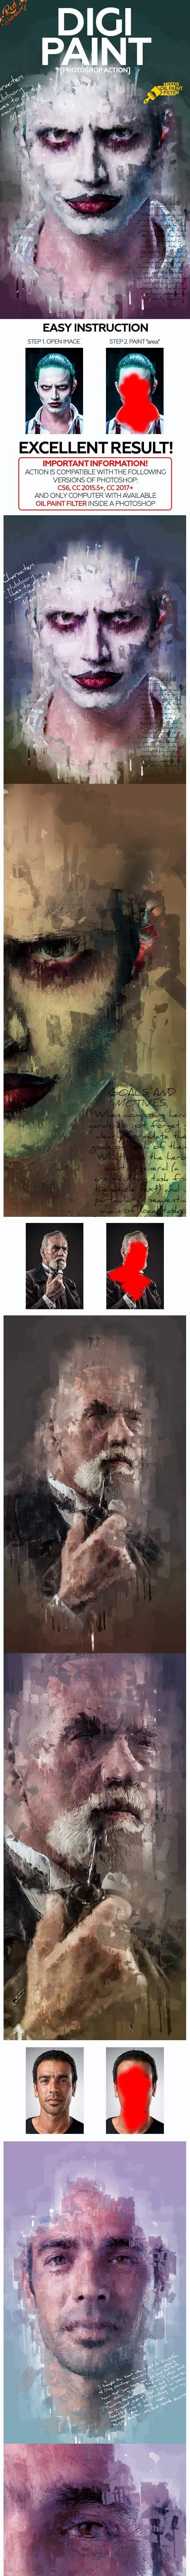 Digi Paint Photoshop Action – Sourcepsd com